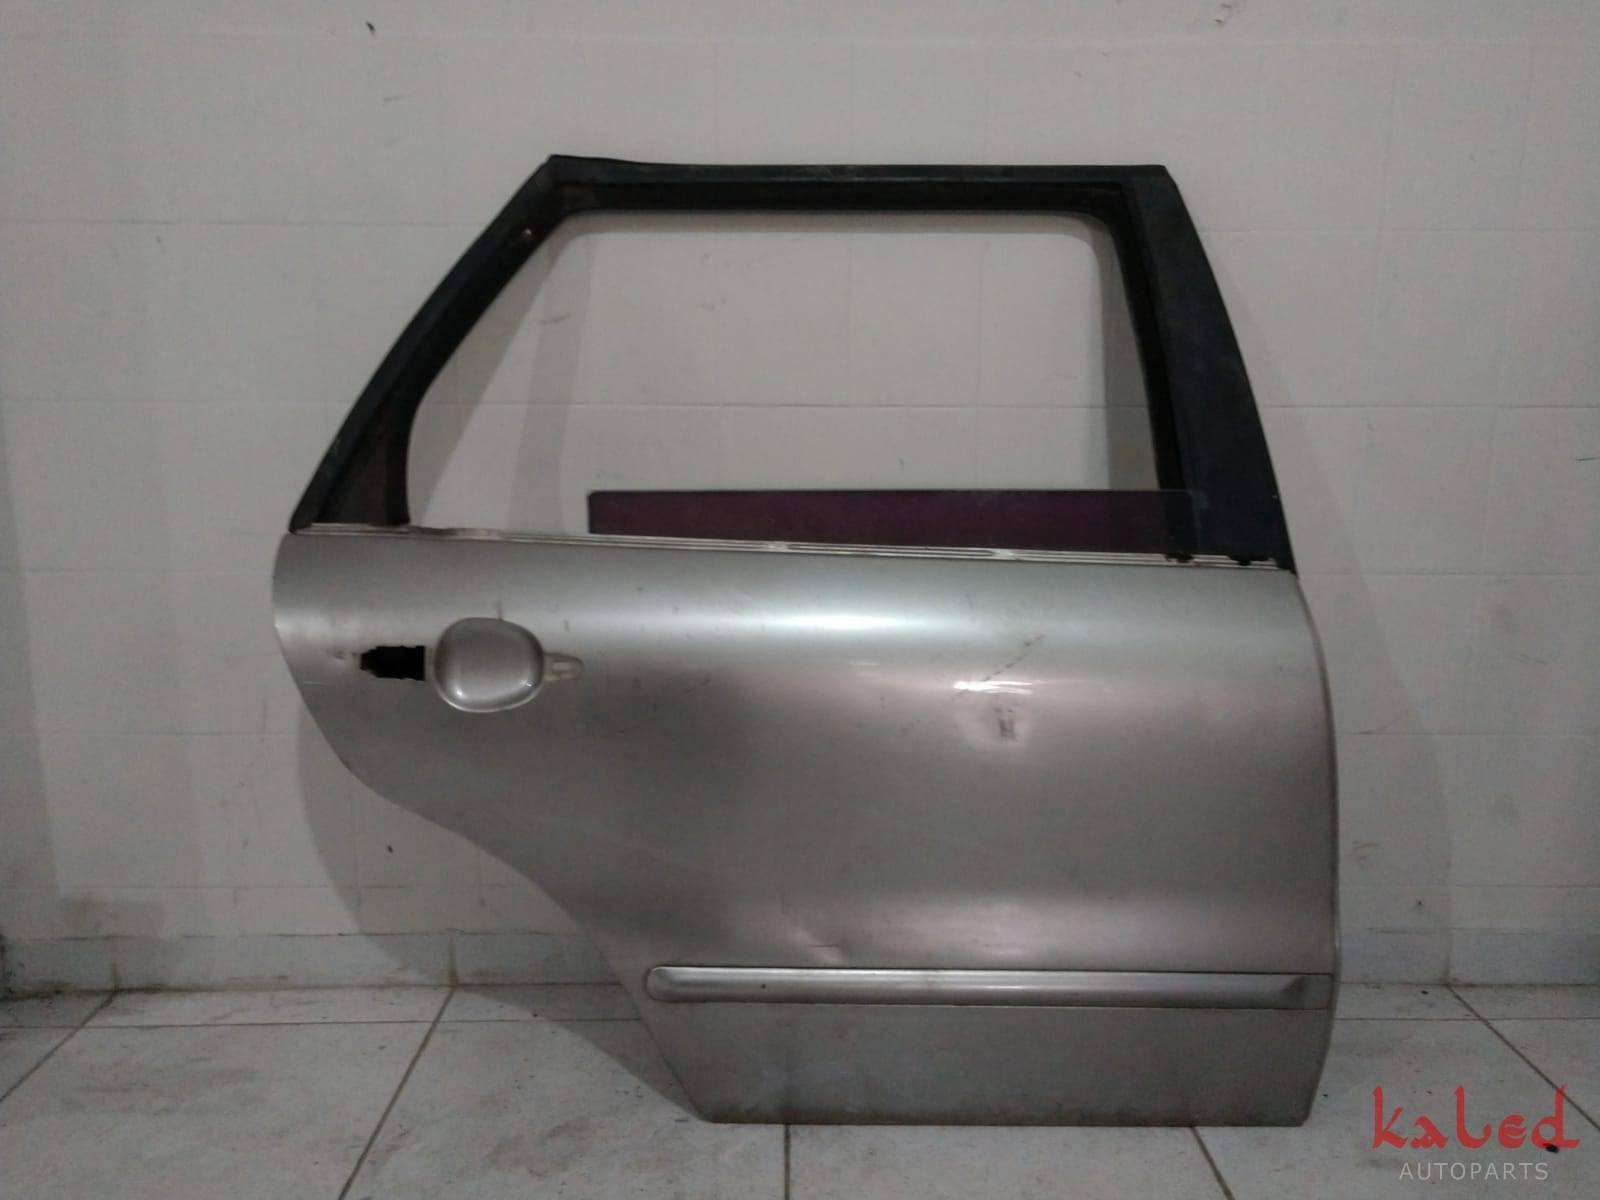 Porta traseira direita Fiat Marea Weekend - Kaled Auto Parts